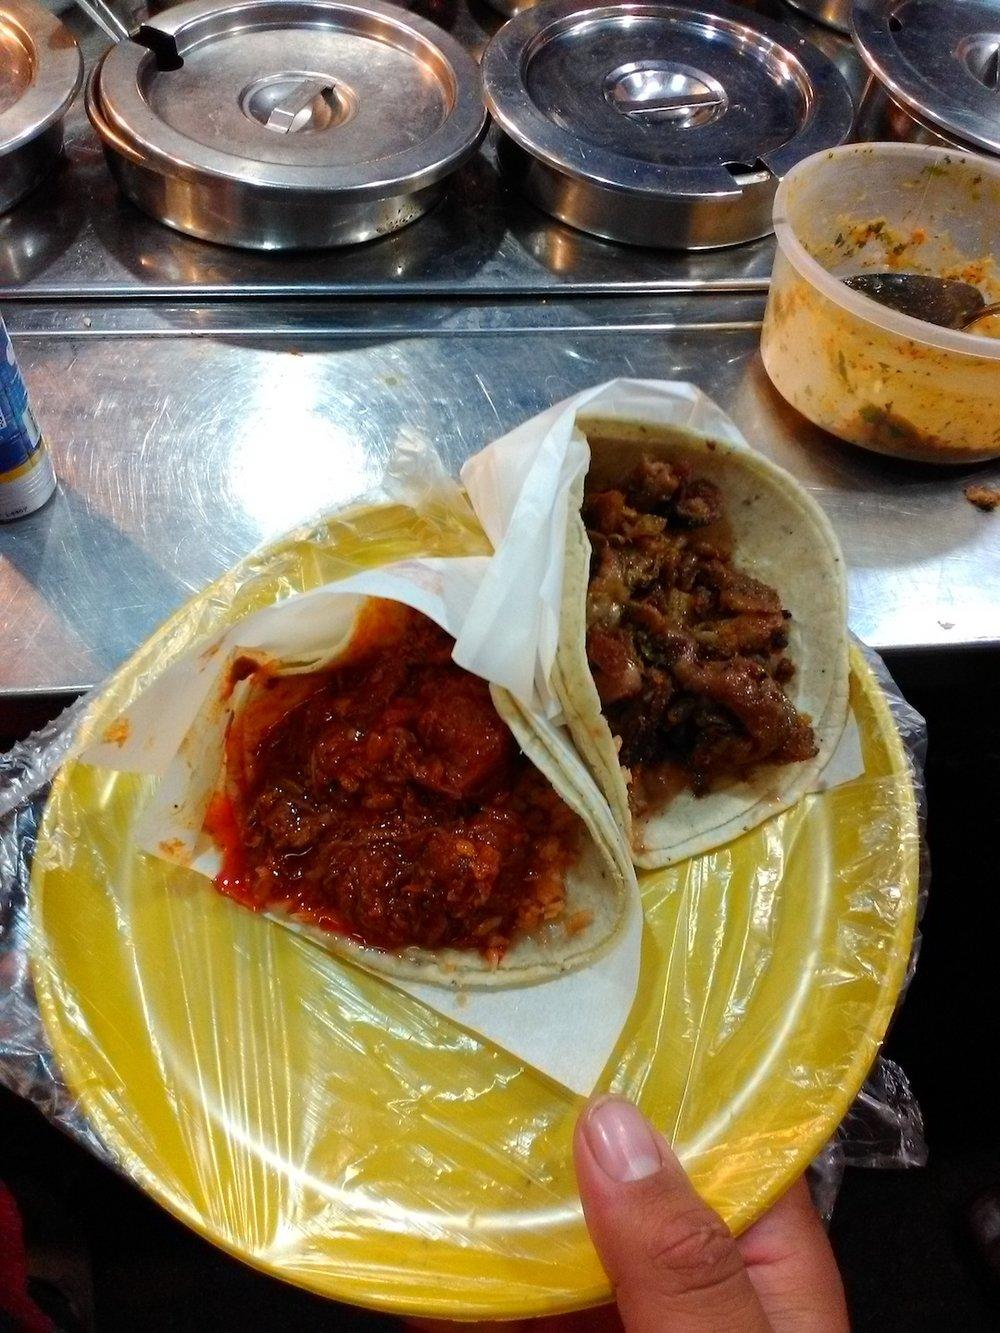 Tijuana era una fiesta. Tacos de guisado en unos tacos de guisados.